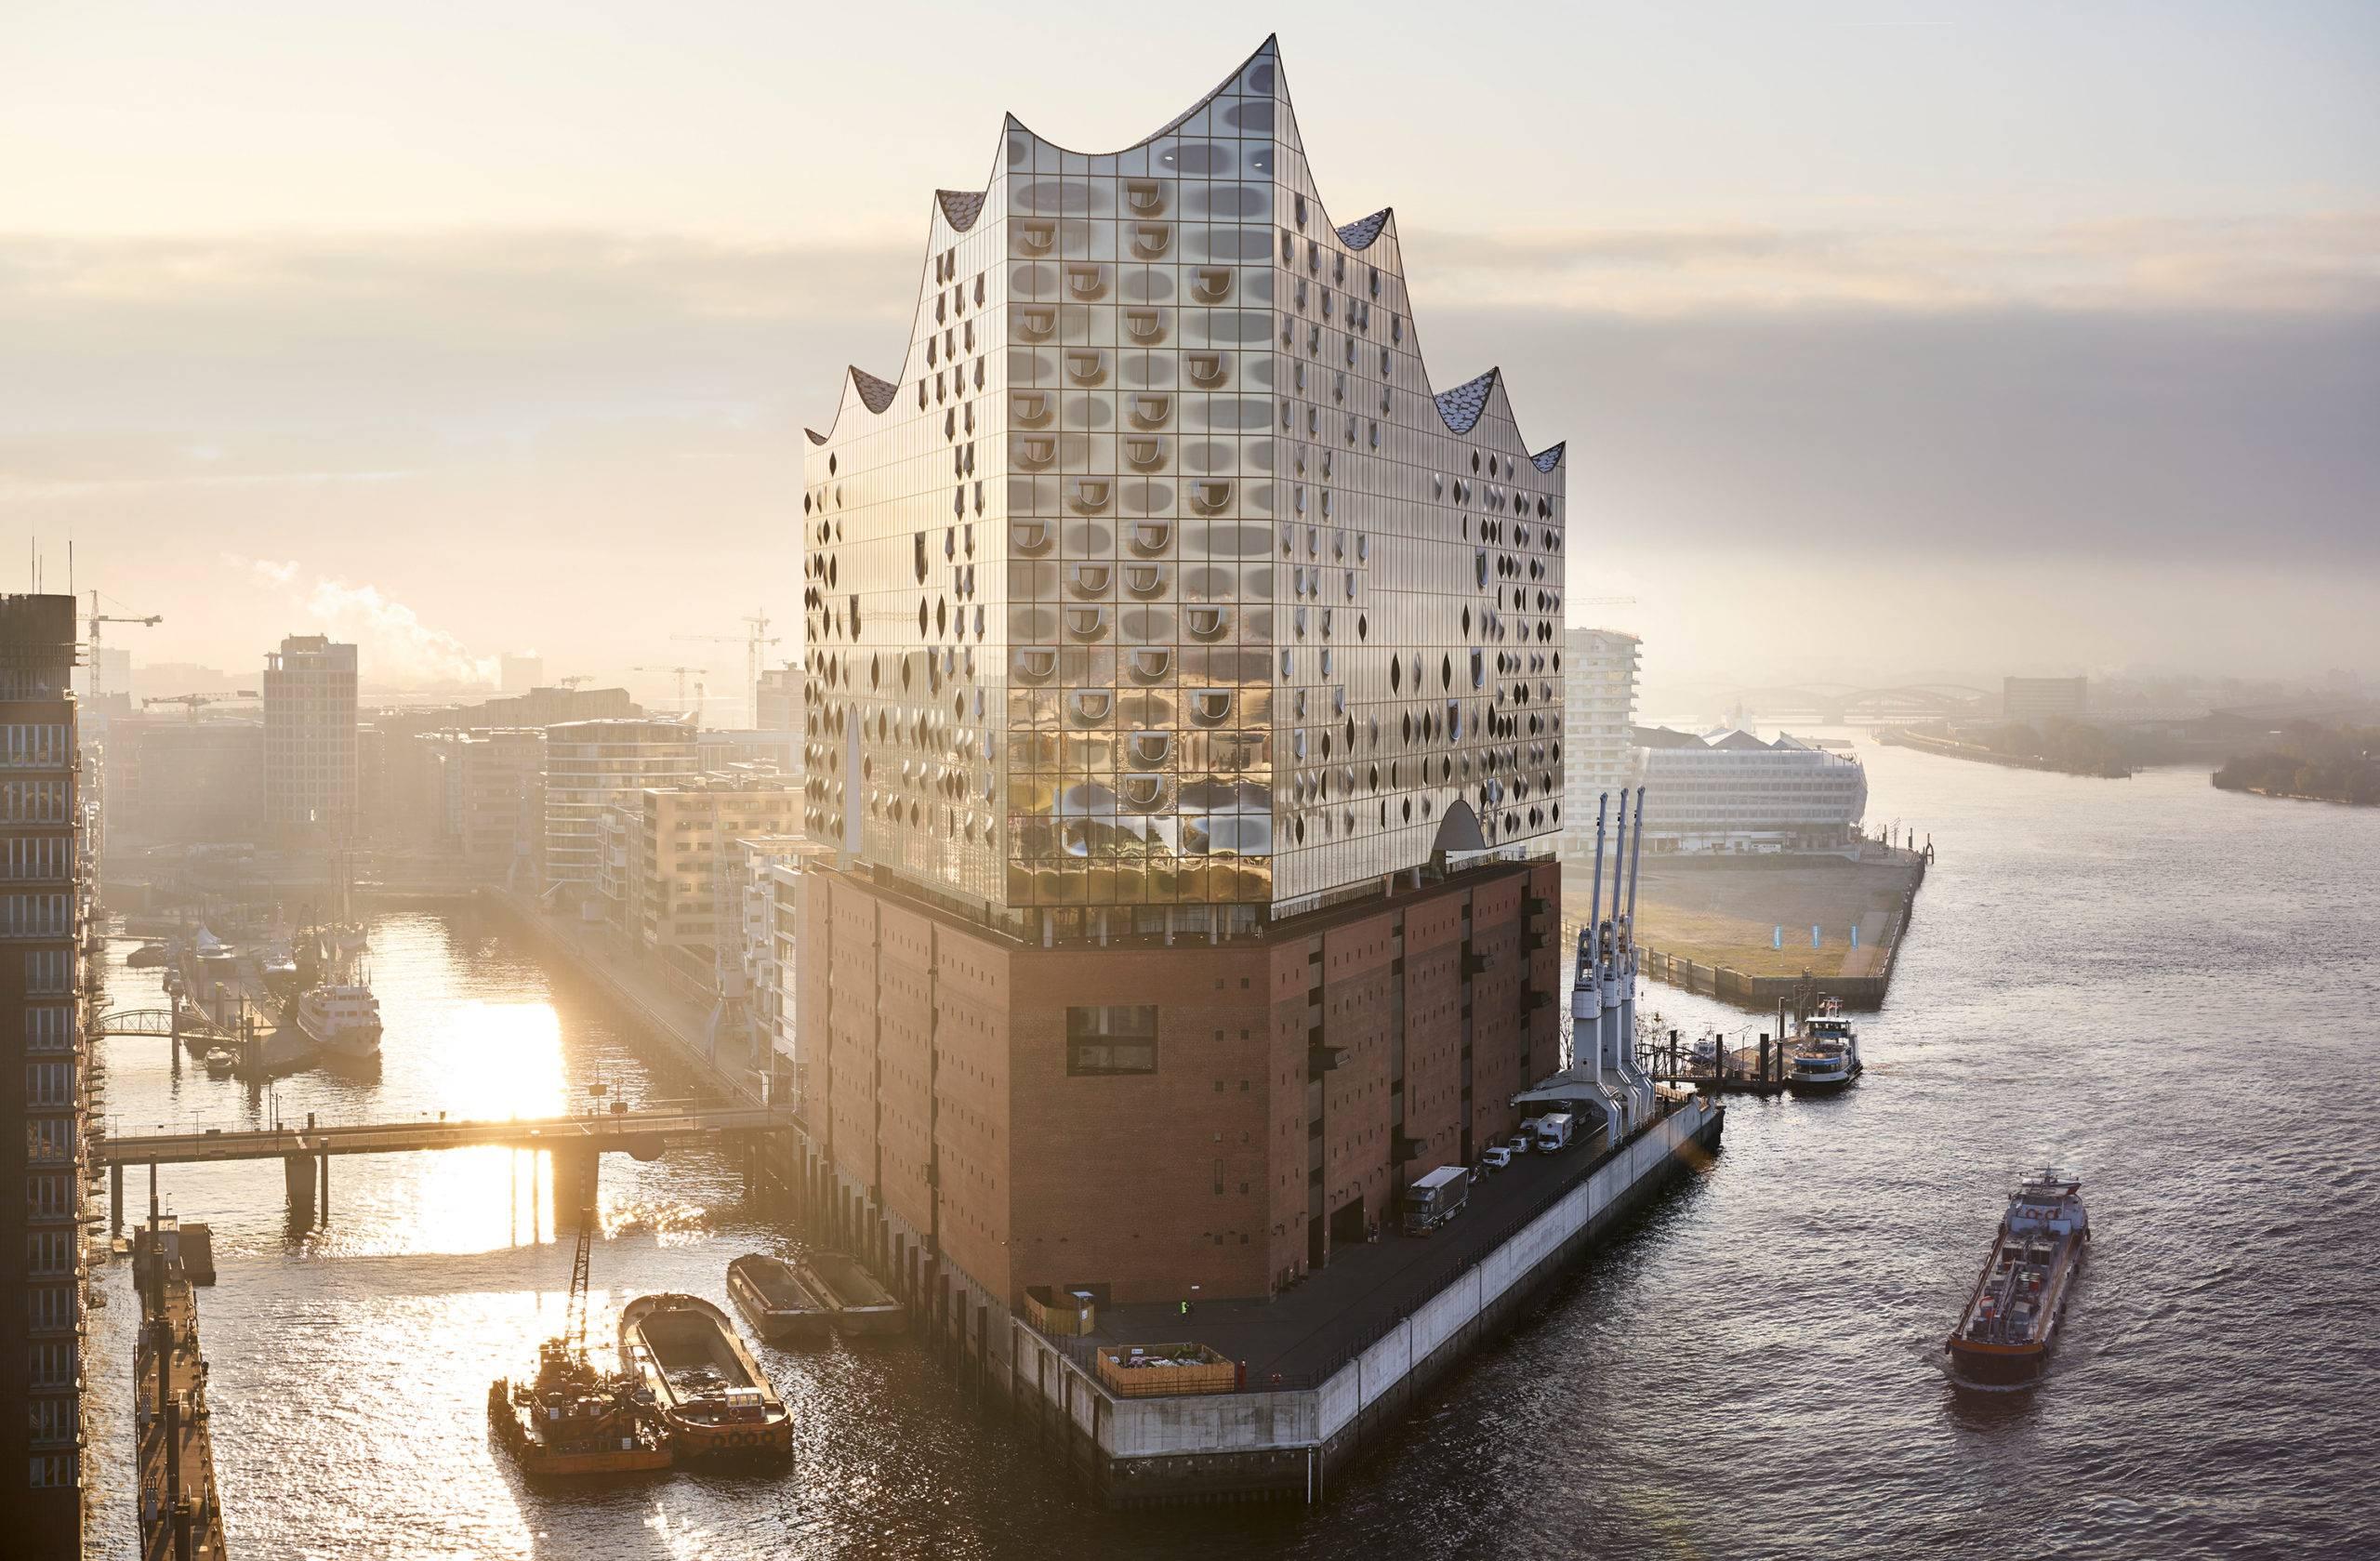 Гамбургская филармония на эльбе – храм музыки с интригующей историей